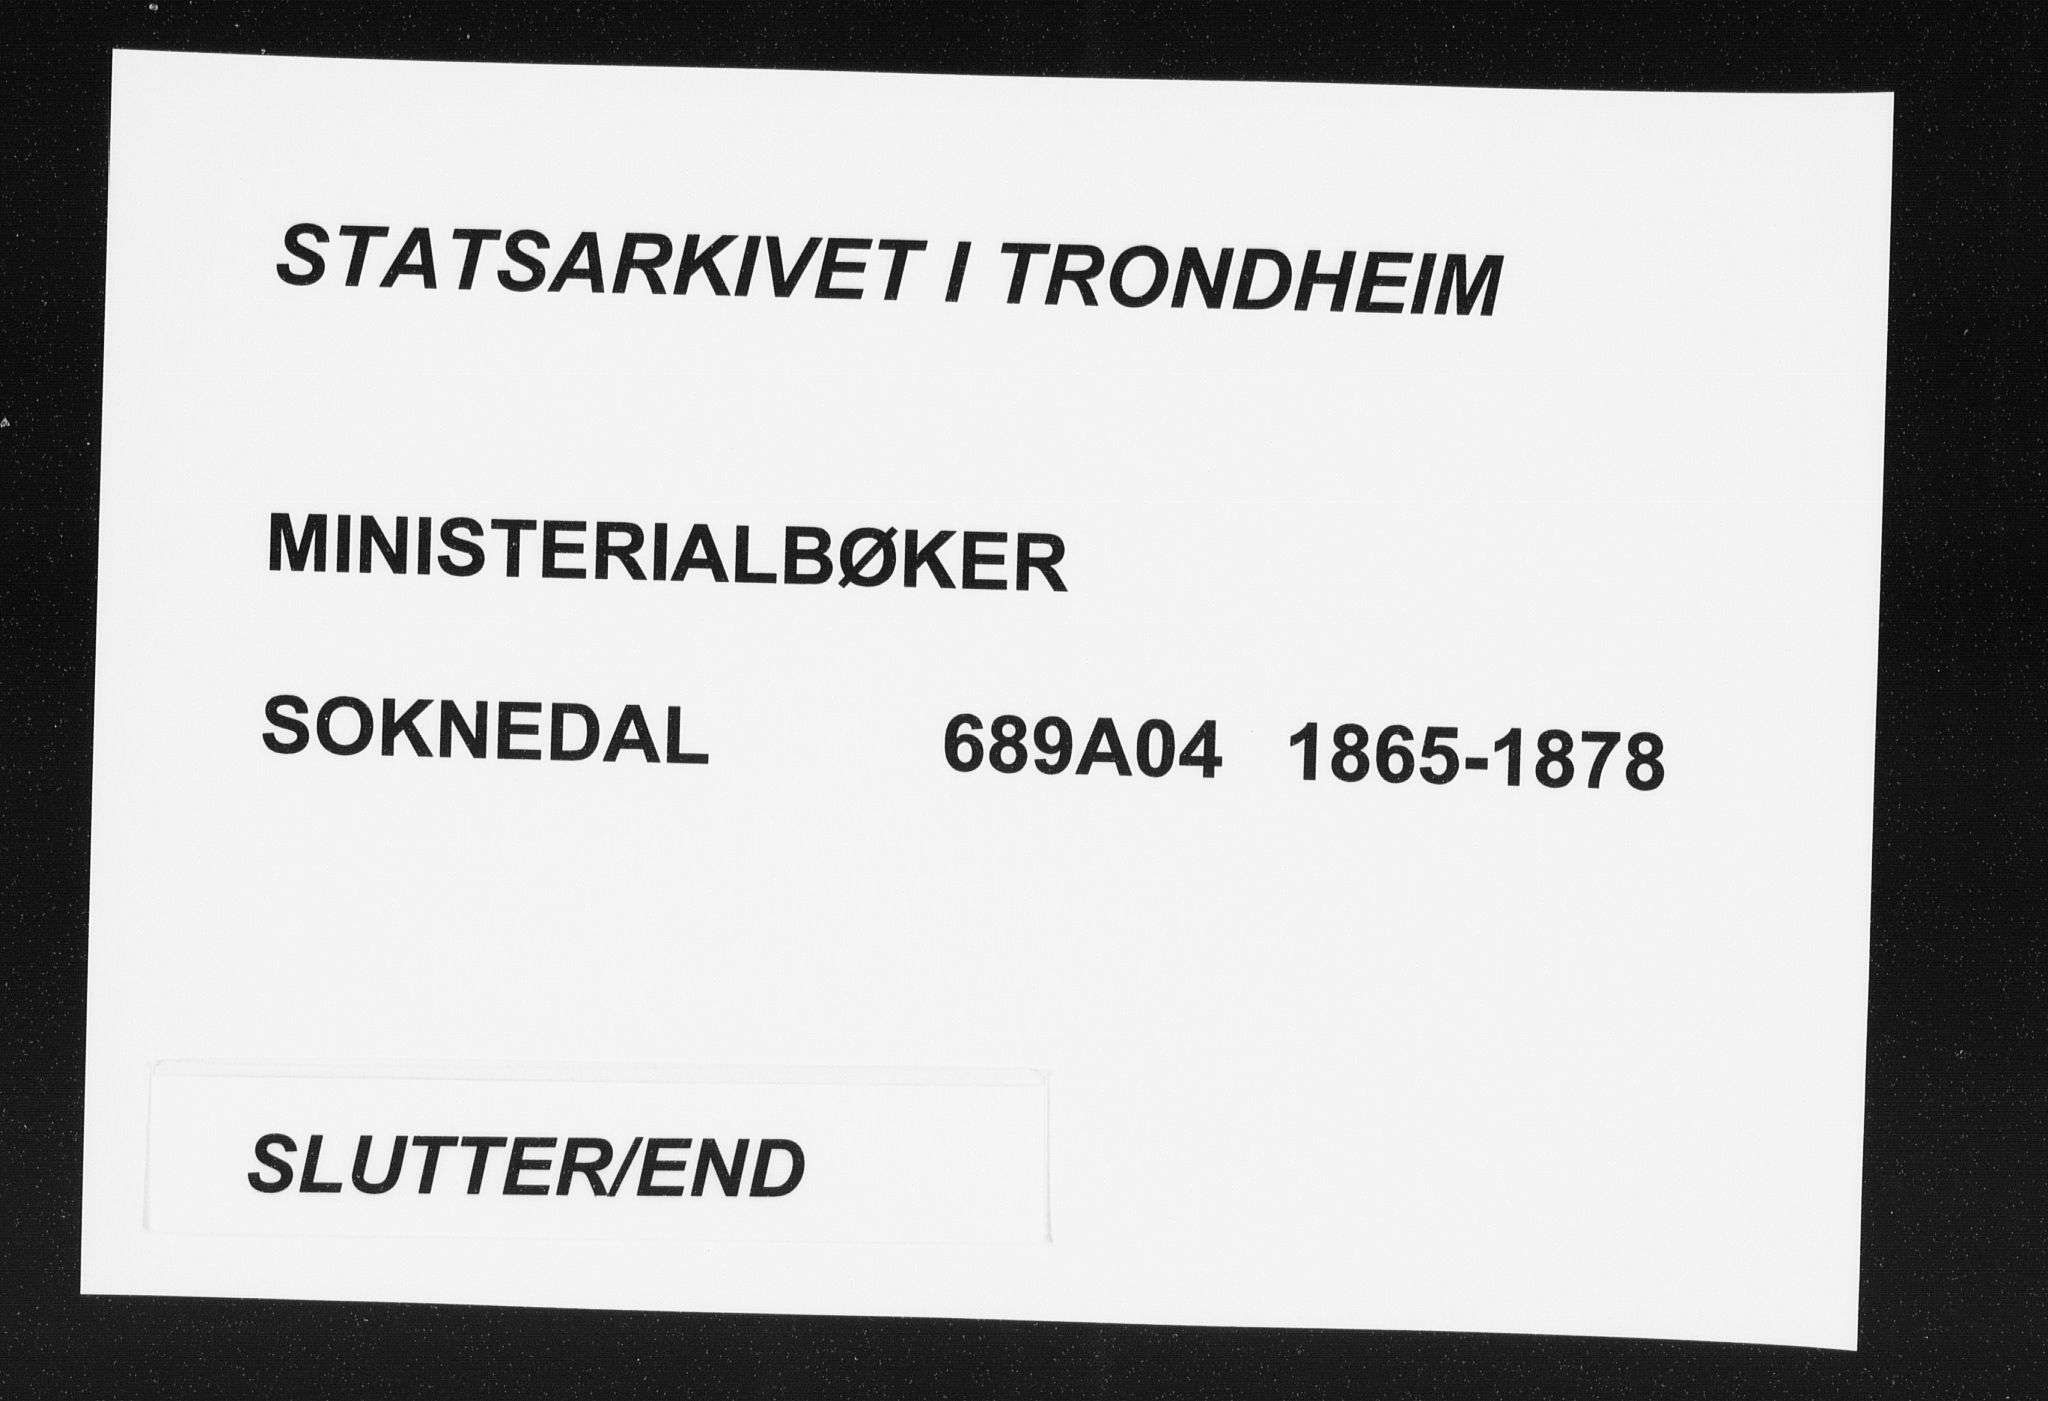 SAT, Ministerialprotokoller, klokkerbøker og fødselsregistre - Sør-Trøndelag, 689/L1039: Ministerialbok nr. 689A04, 1865-1878